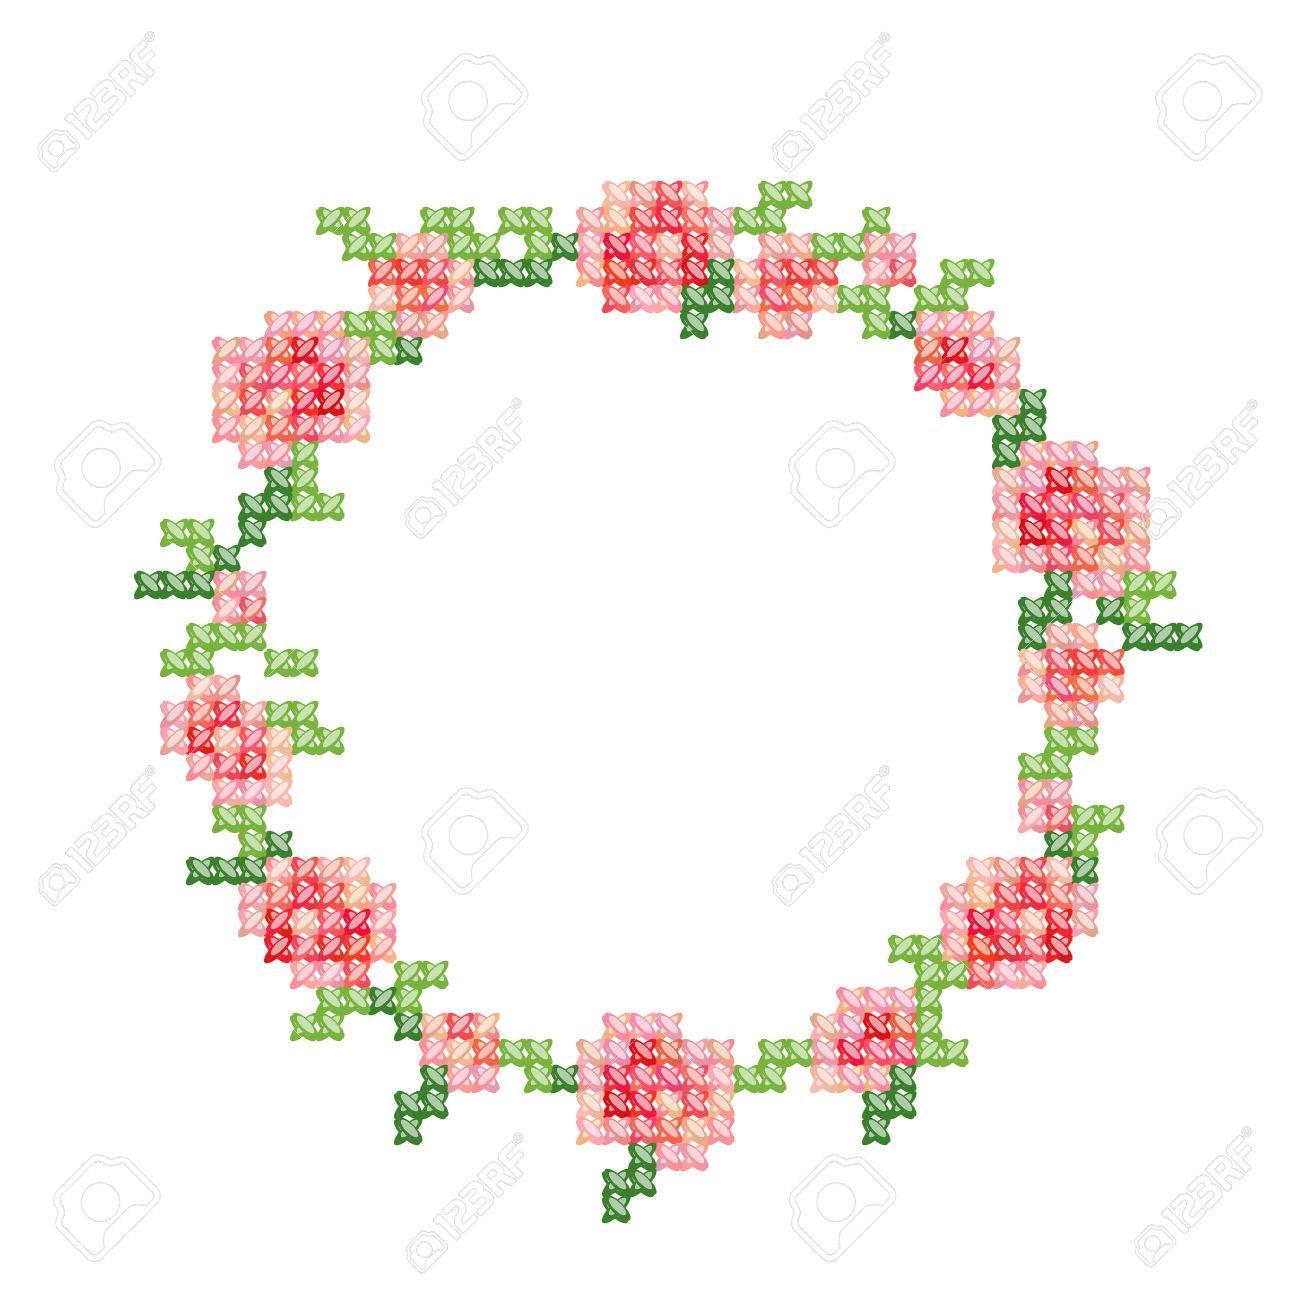 Bordado De Punto De Cruz, Vendimia Labró El Marco Floral Con Rosas ...